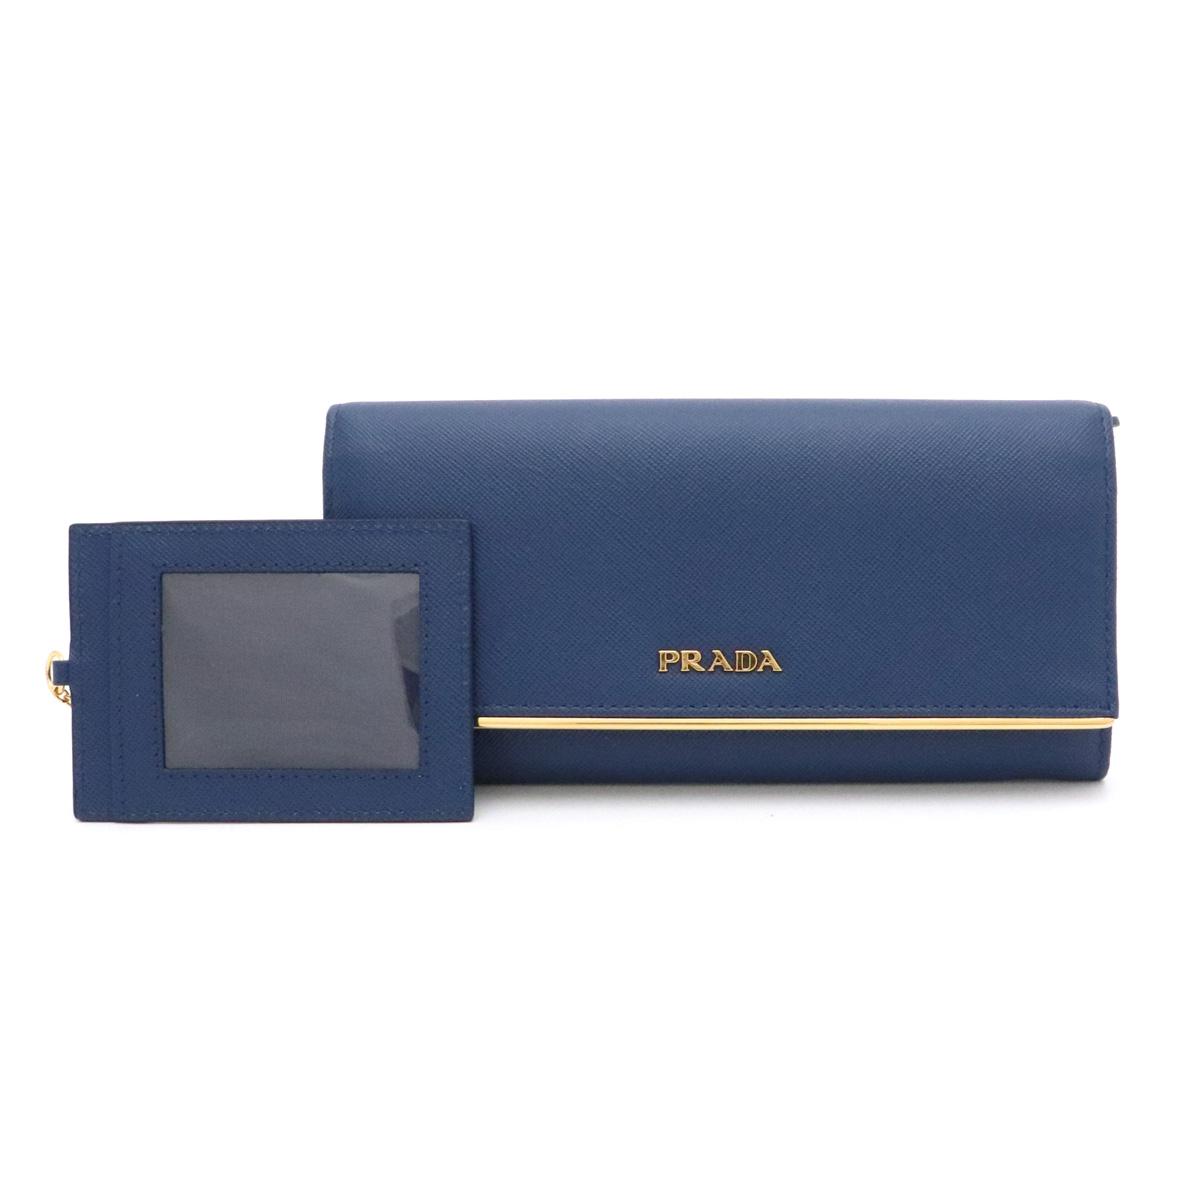 【財布】PRADA プラダ 2つ折り長財布 二つ折り財布 SAFFIANO サフィアーノ レザー BLUETTE ブルー 青 ゴールド金具 パスケース付き 1M1132 【中古】